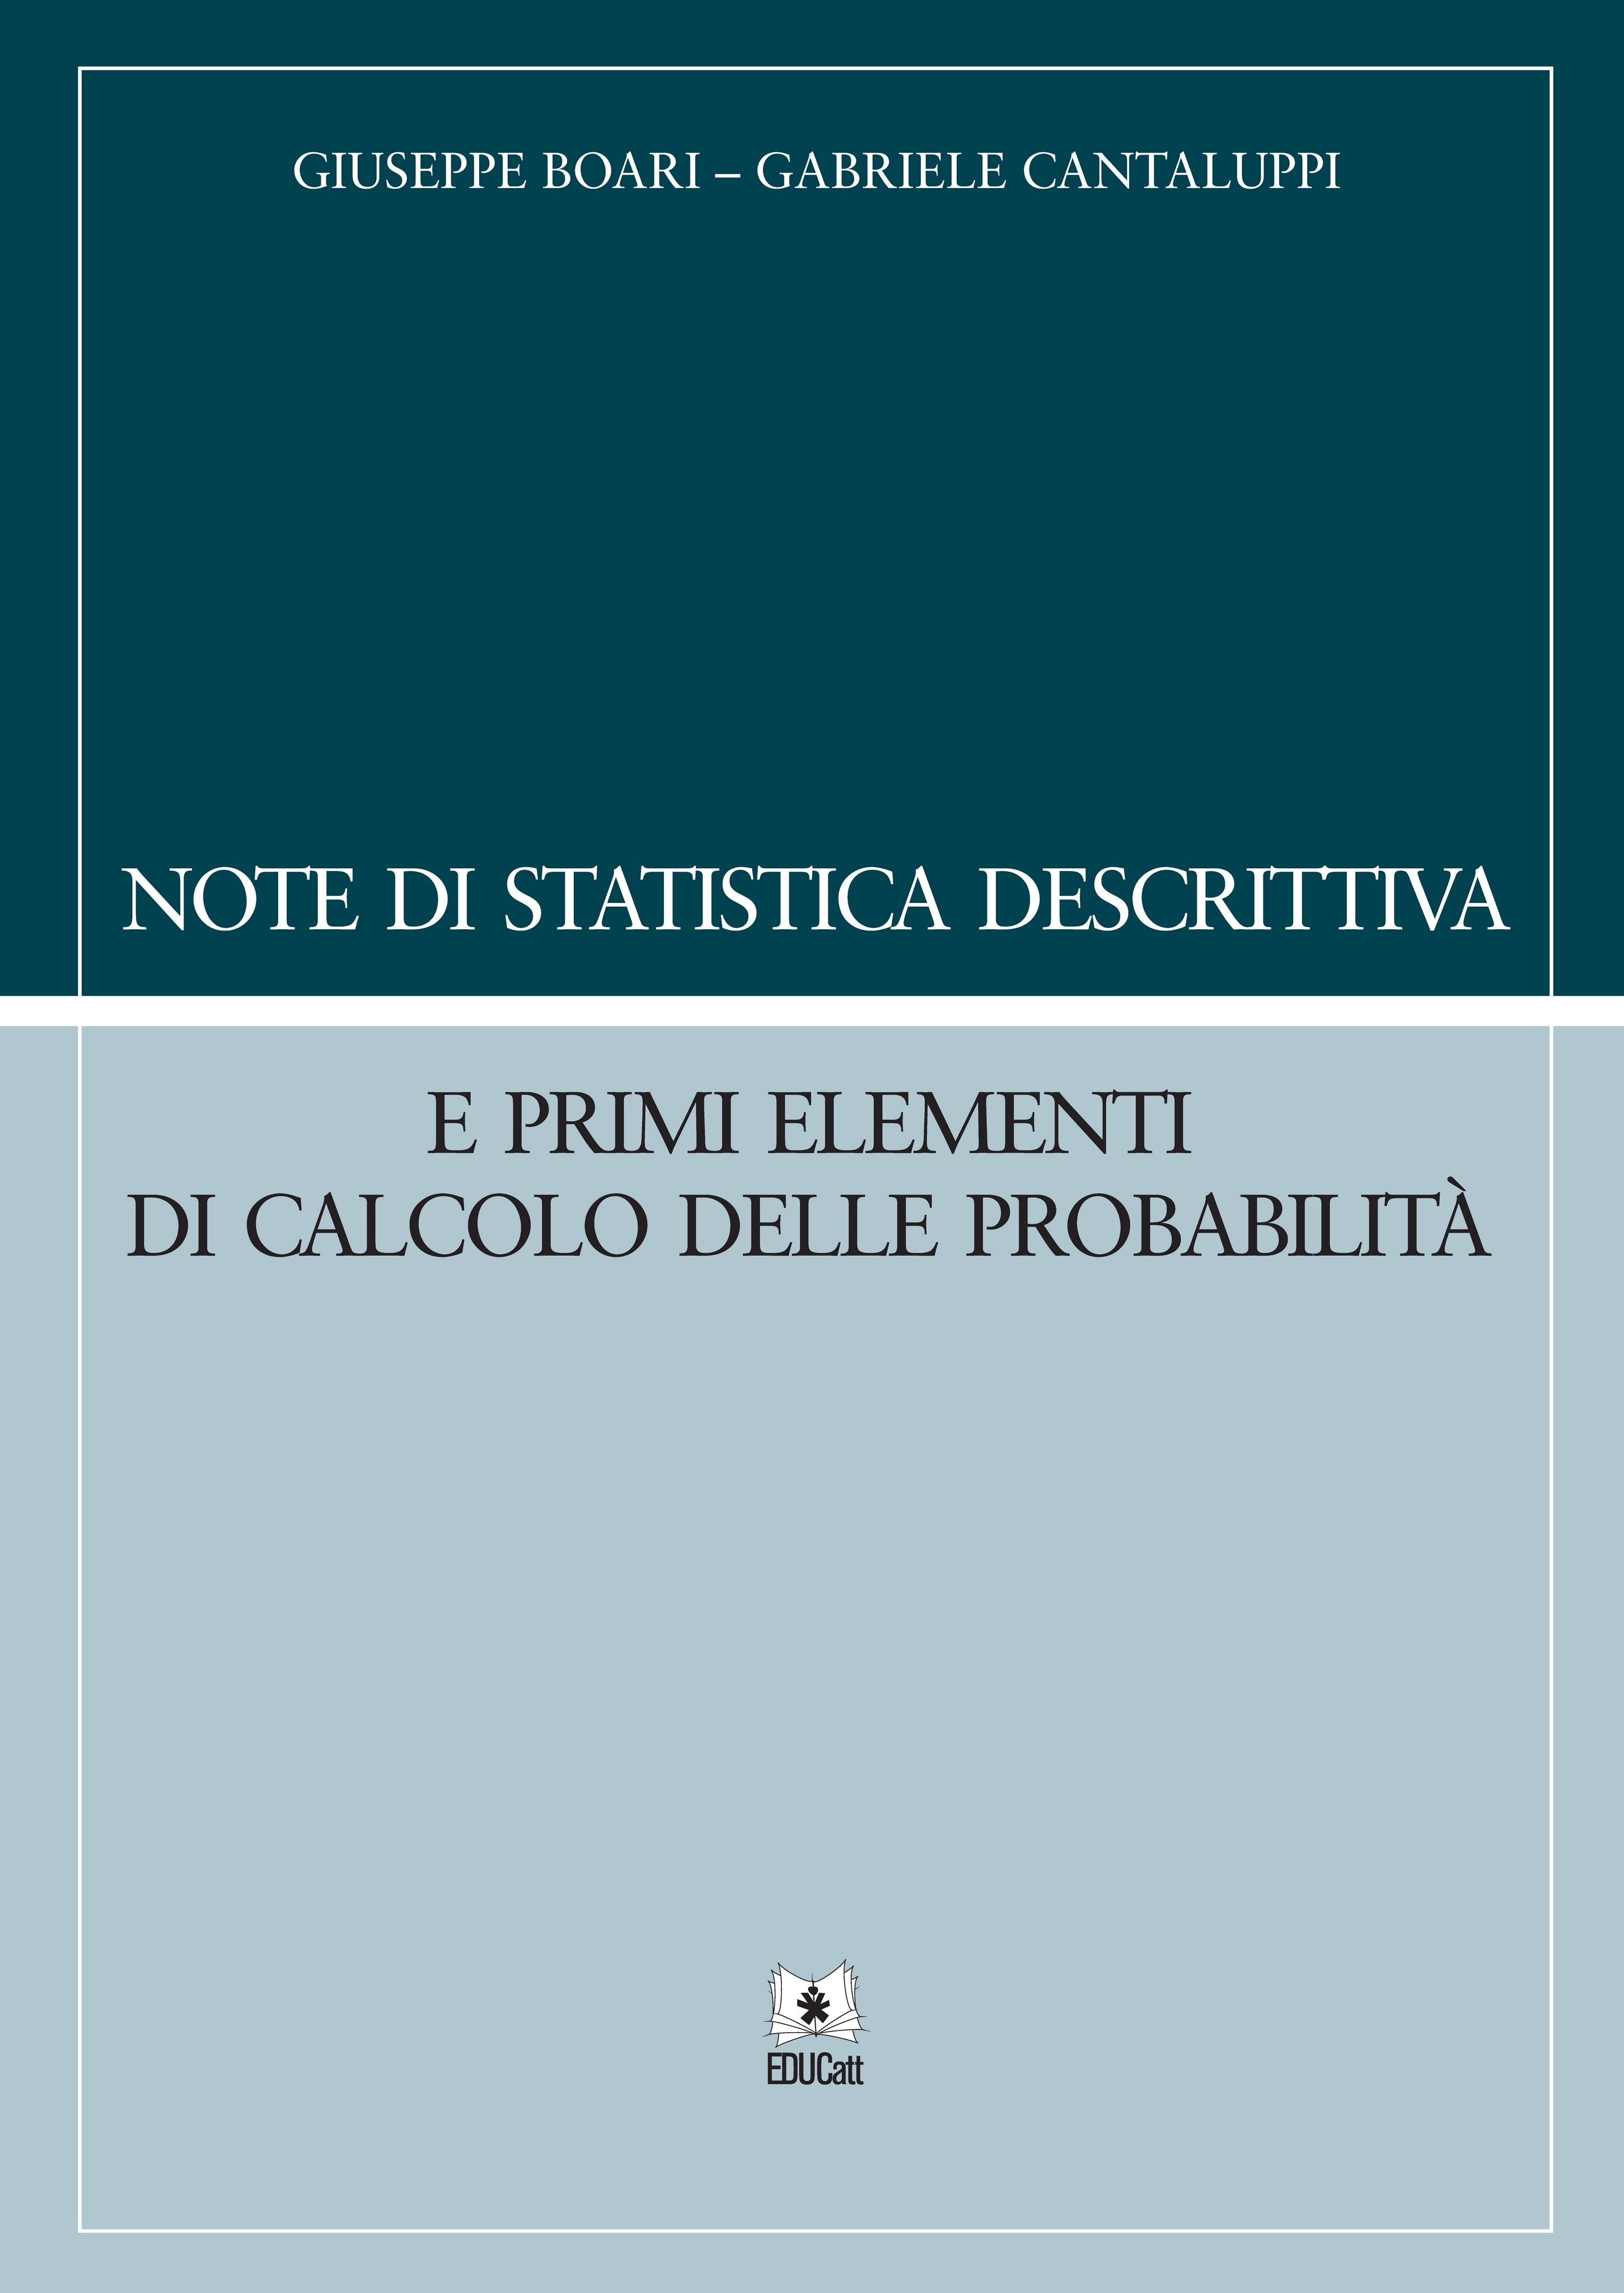 Note di statistica descrittiva e primi elementi di calcolo delle probabilità 2019